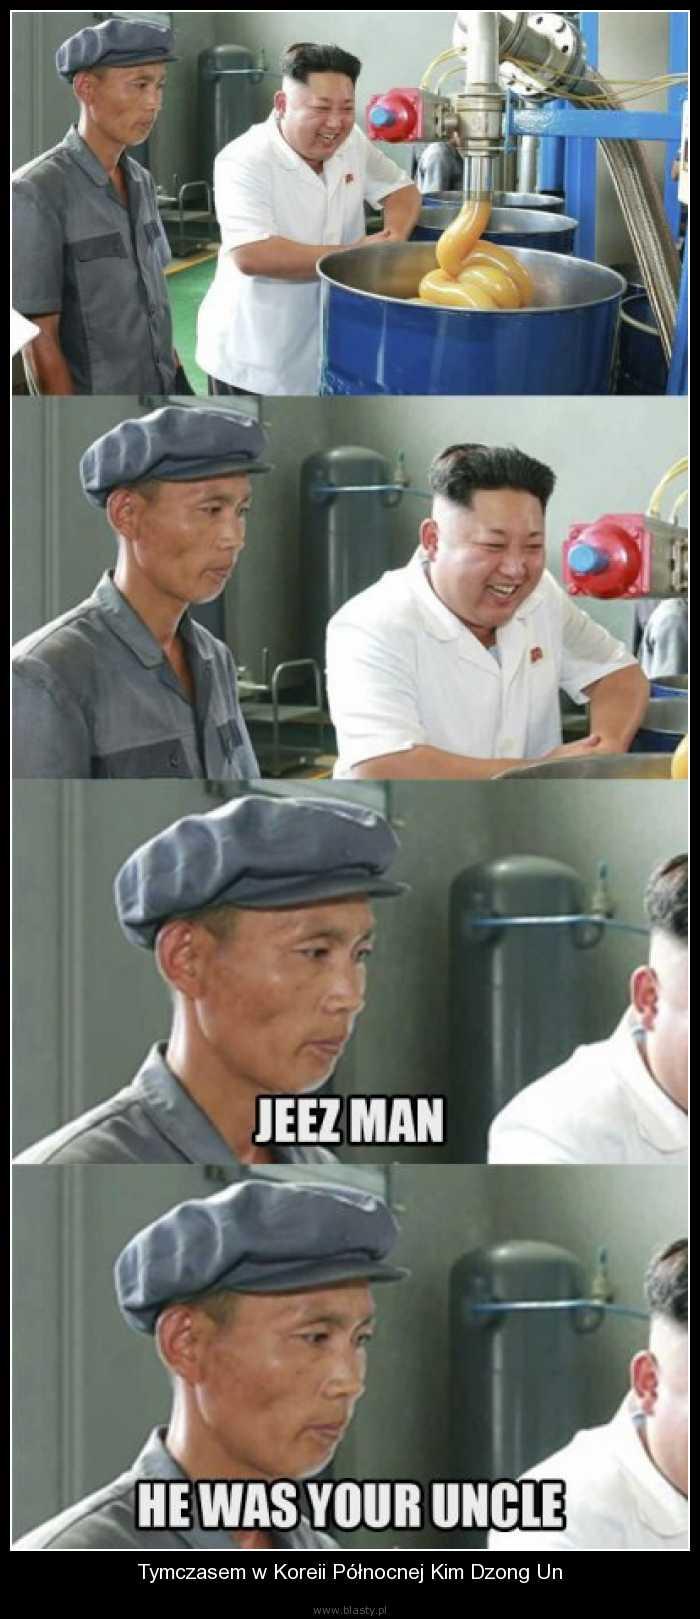 Tymczasem w Koreii Północnej Kim Dzong Un